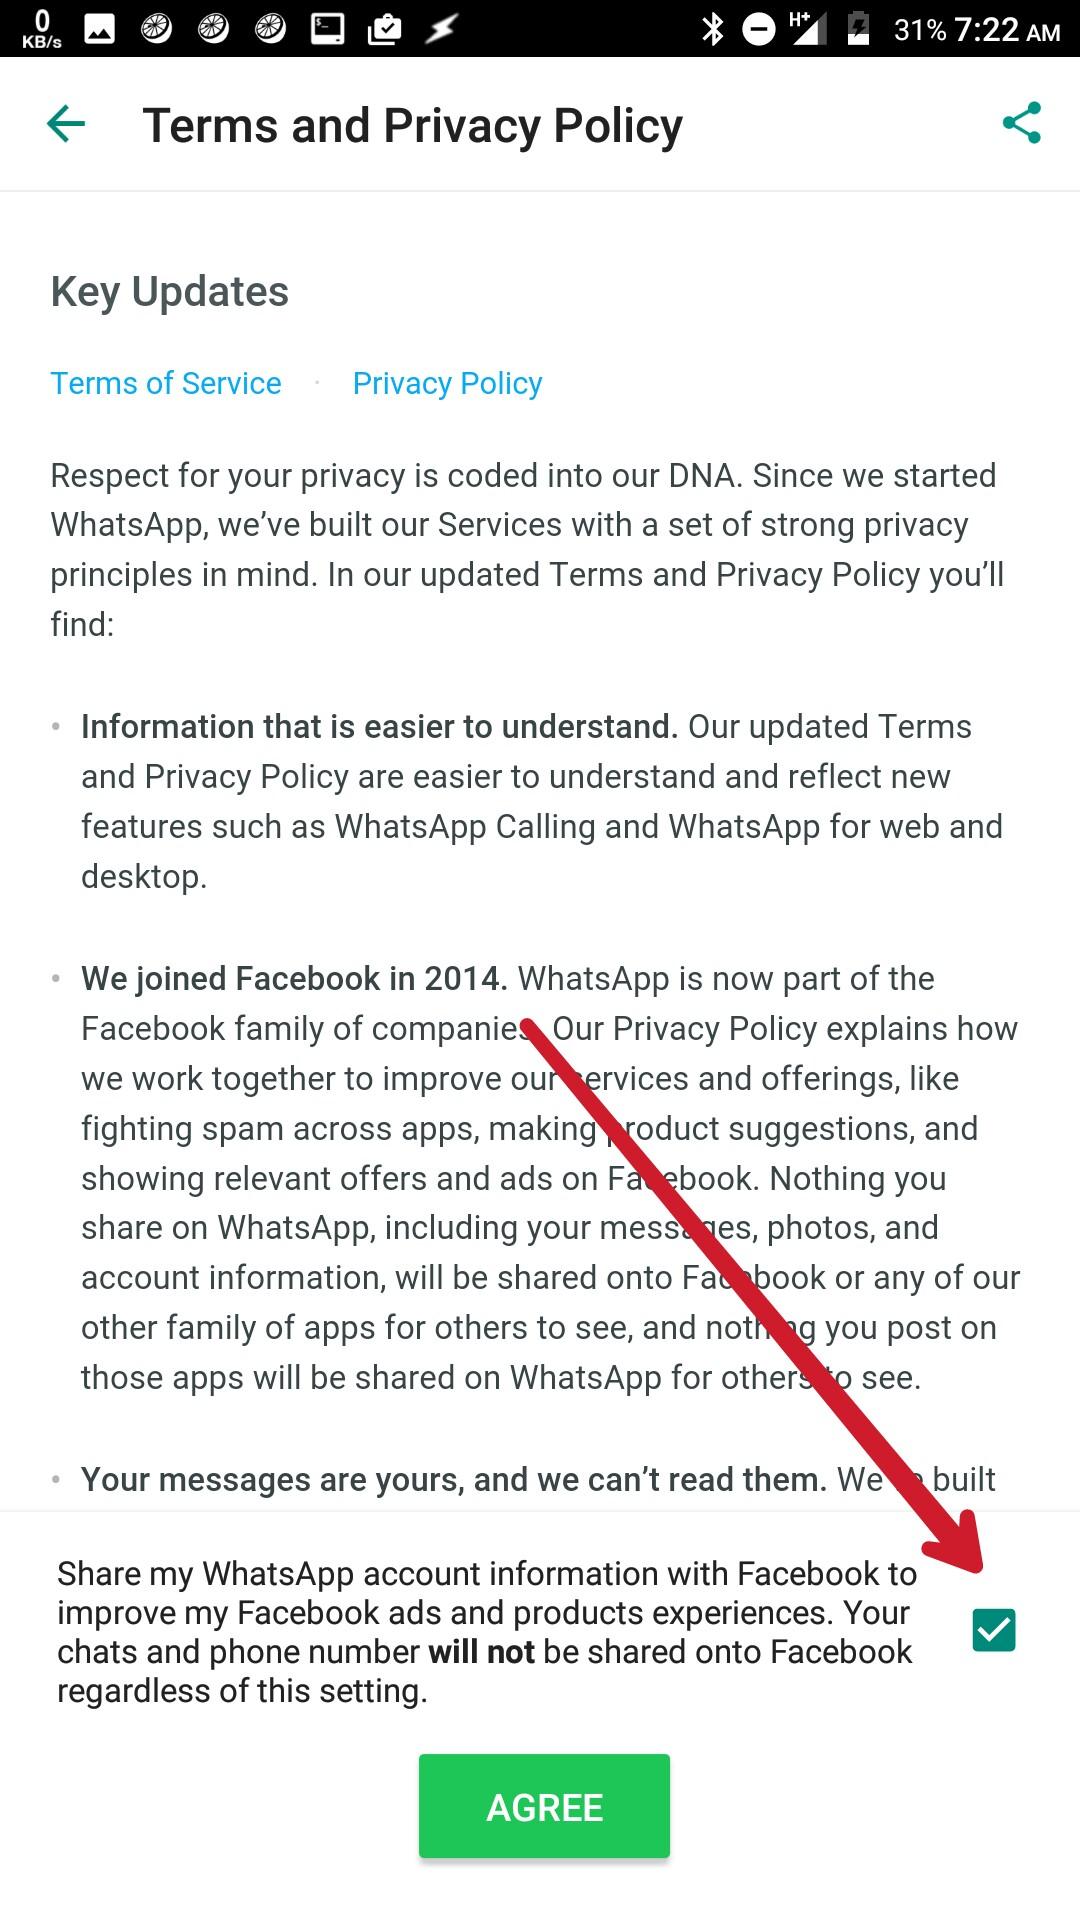 Bagaimana untuk menghentikan perkongsian maklumat sensitif antara WhatsApp dan Facebook? 2